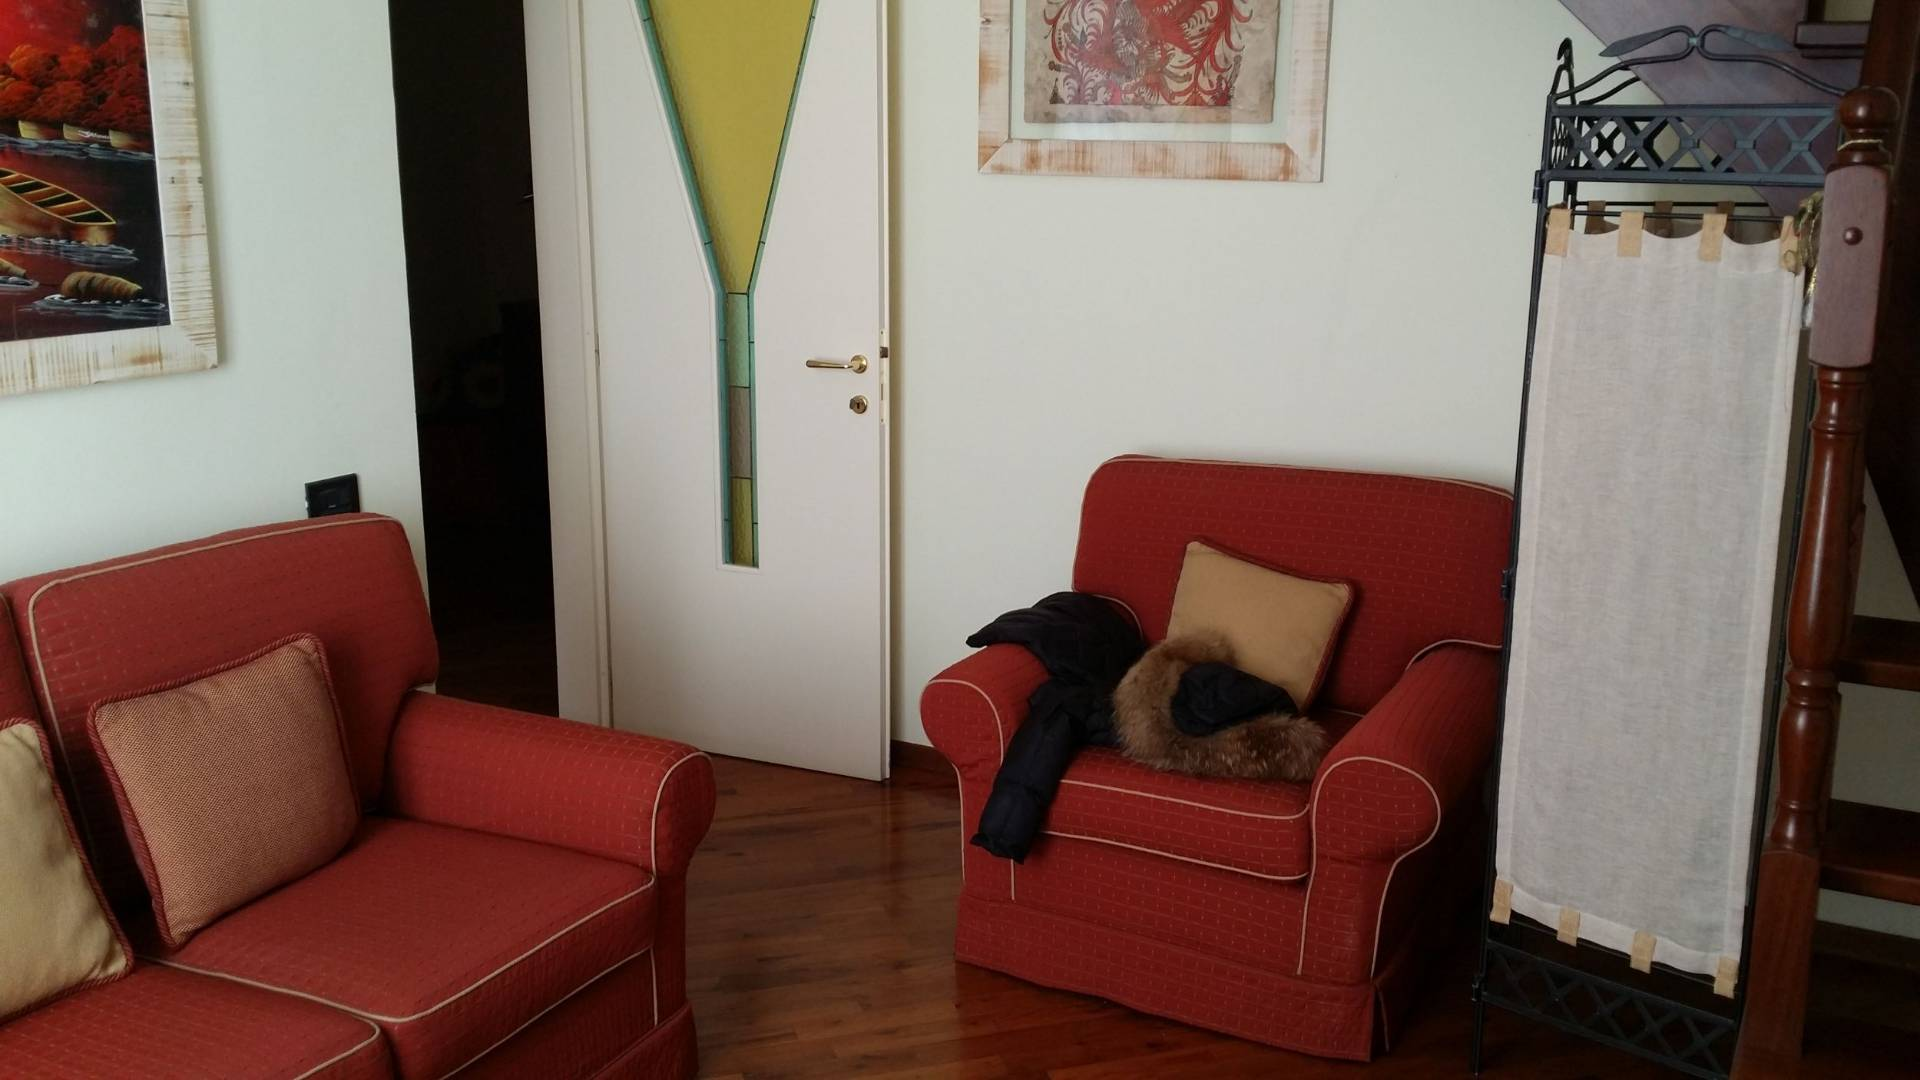 Appartamento in vendita a Ascoli Piceno, 7 locali, zona Località: CampoParignano, prezzo € 220.000 | CambioCasa.it